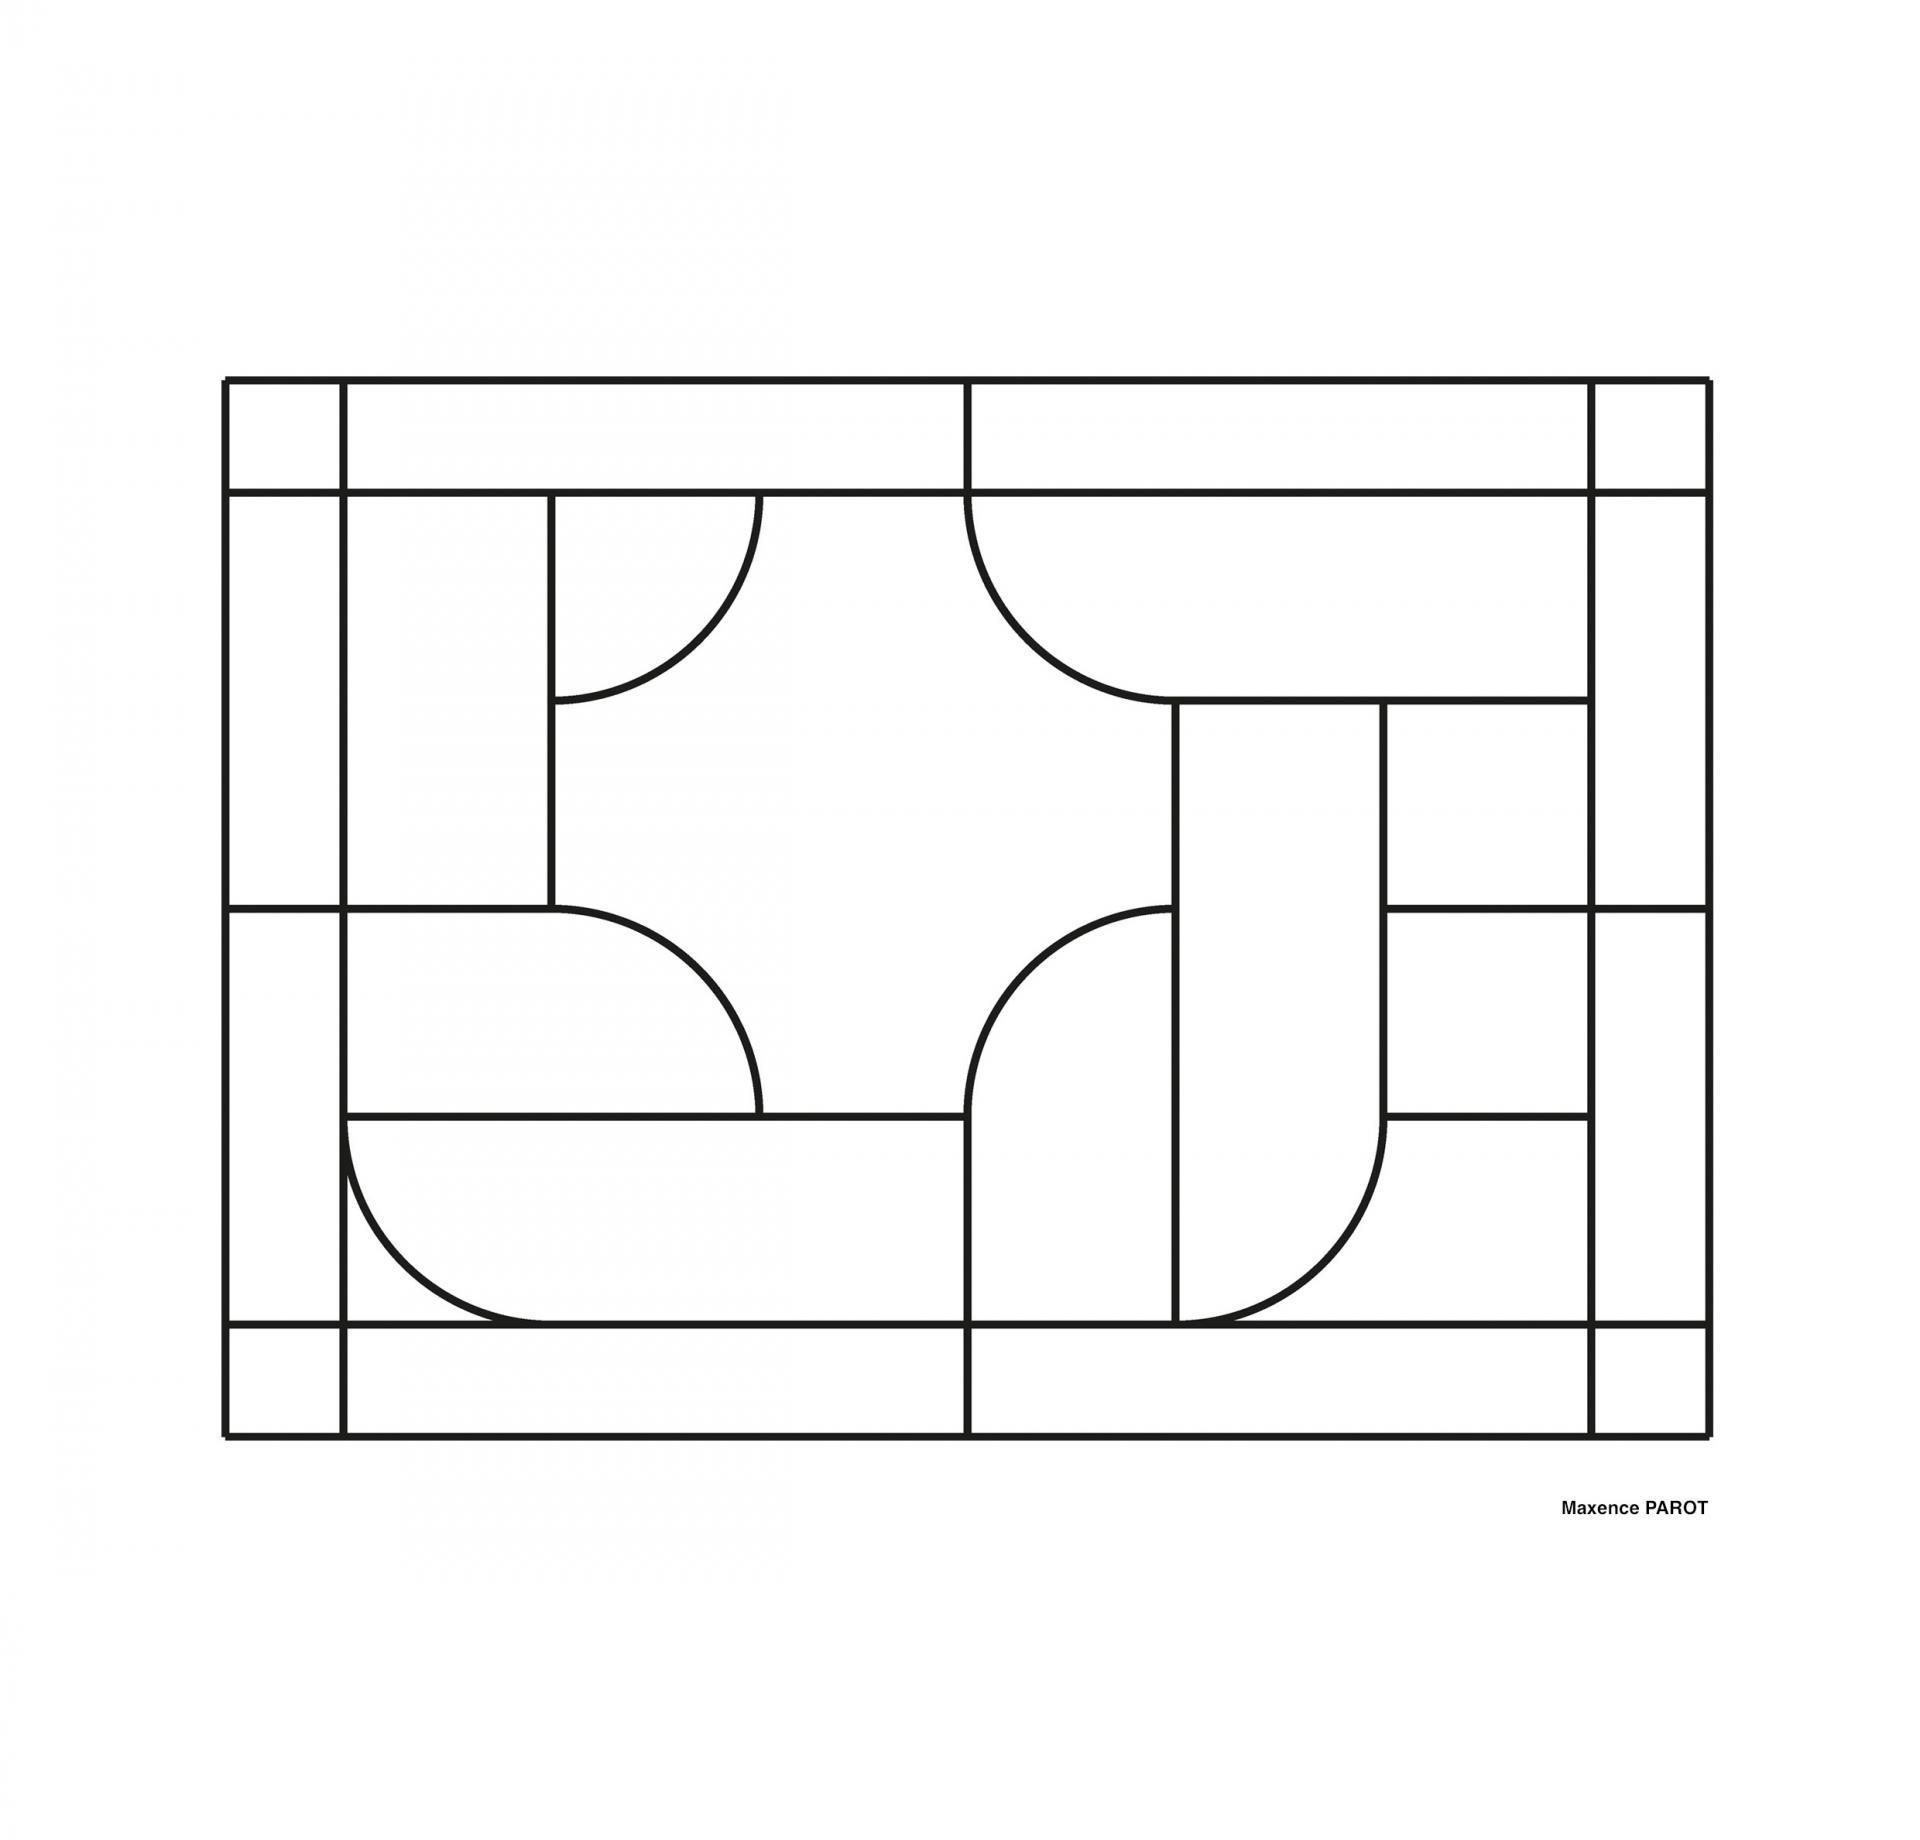 Création d'une maquette avec figure géométrique